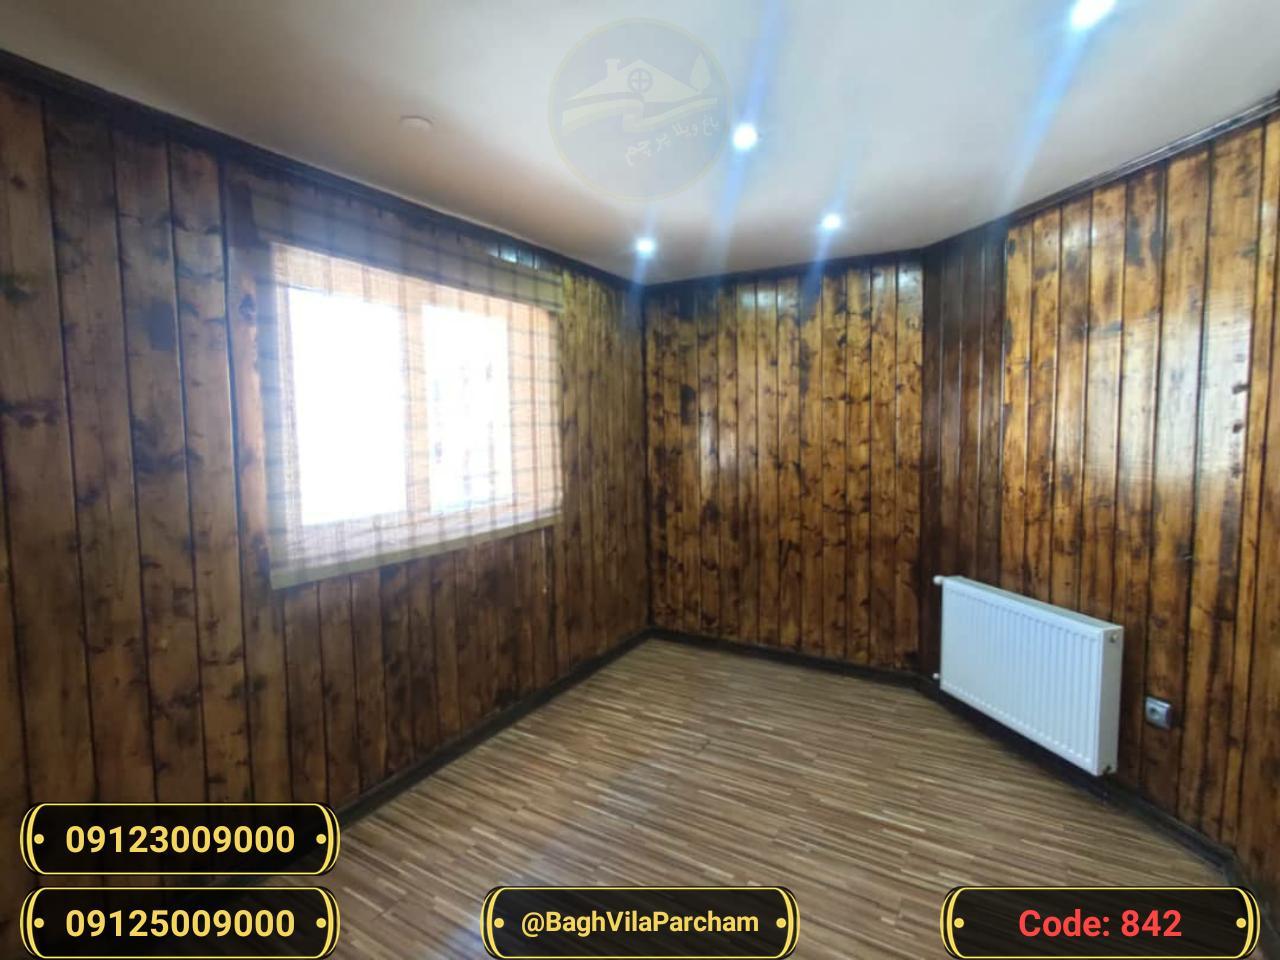 تصویر عکس باغ ویلا شماره 12 از ویلای ۵۰۰ متر ویلا تمام چوب Picture photo image 12 of ۵۰۰ متر ویلا تمام چوب